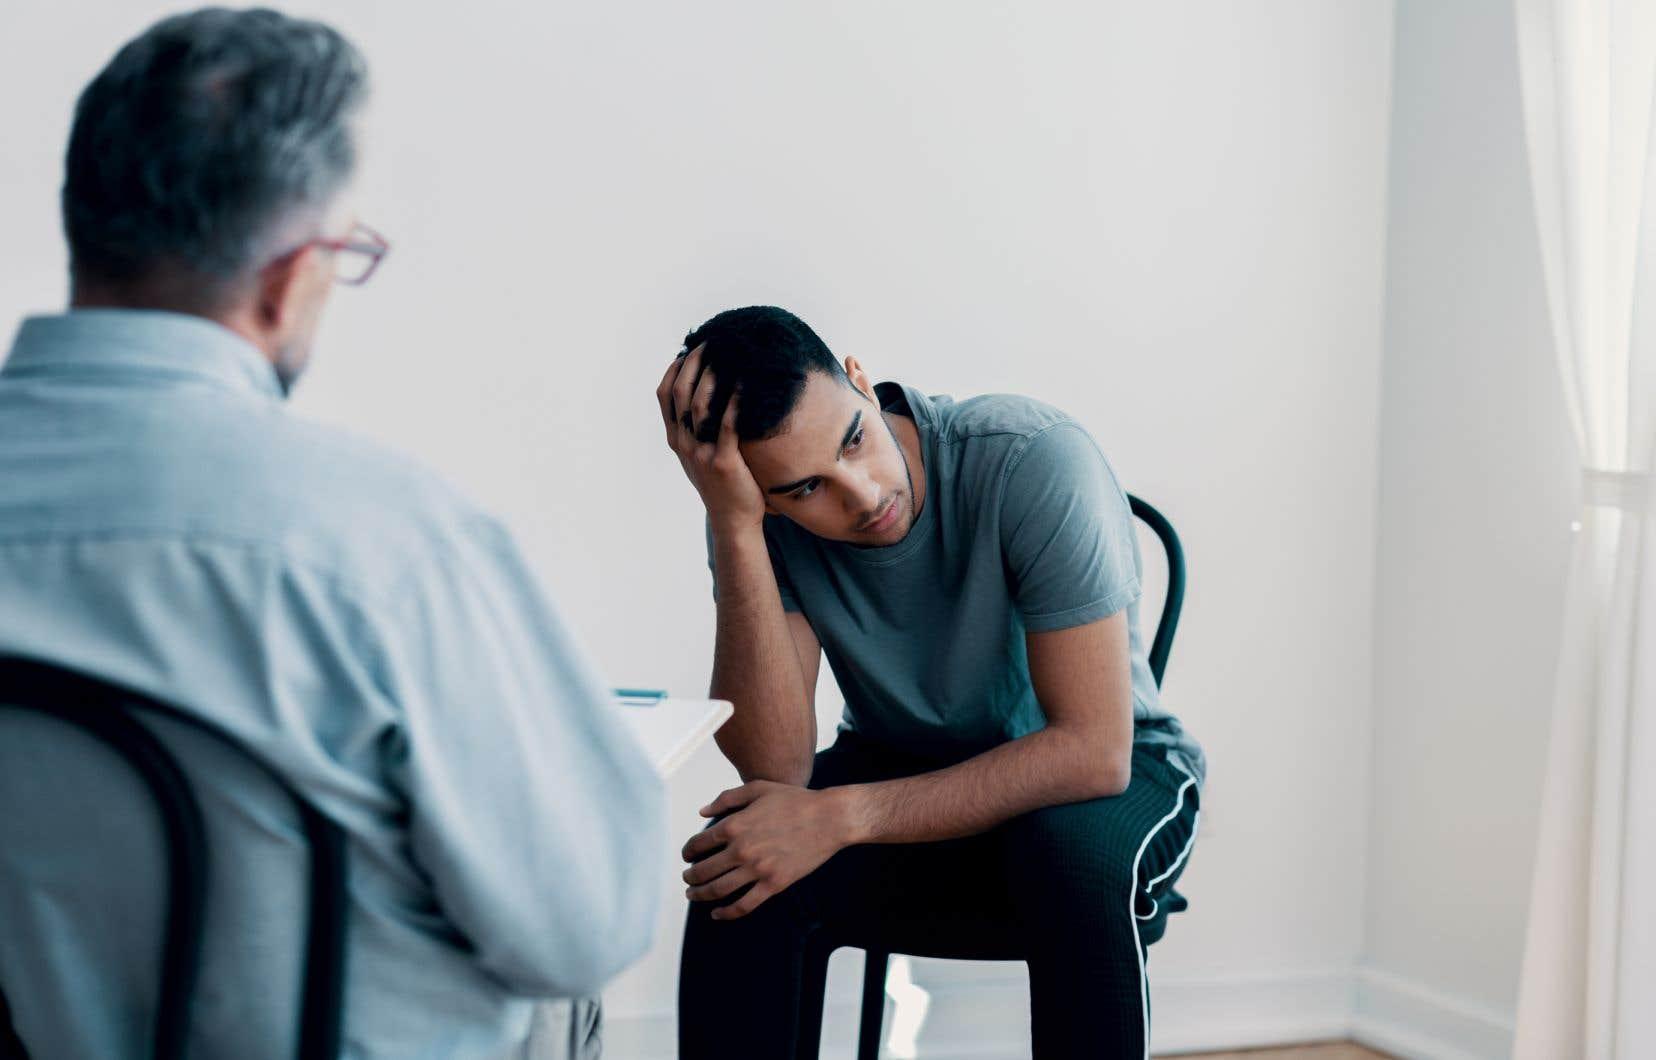 Le morcellement et la complexité du système de soins rendent difficiles la continuité et la cohésion entre  les différents services de soutien auprès des jeunes vulnérables.